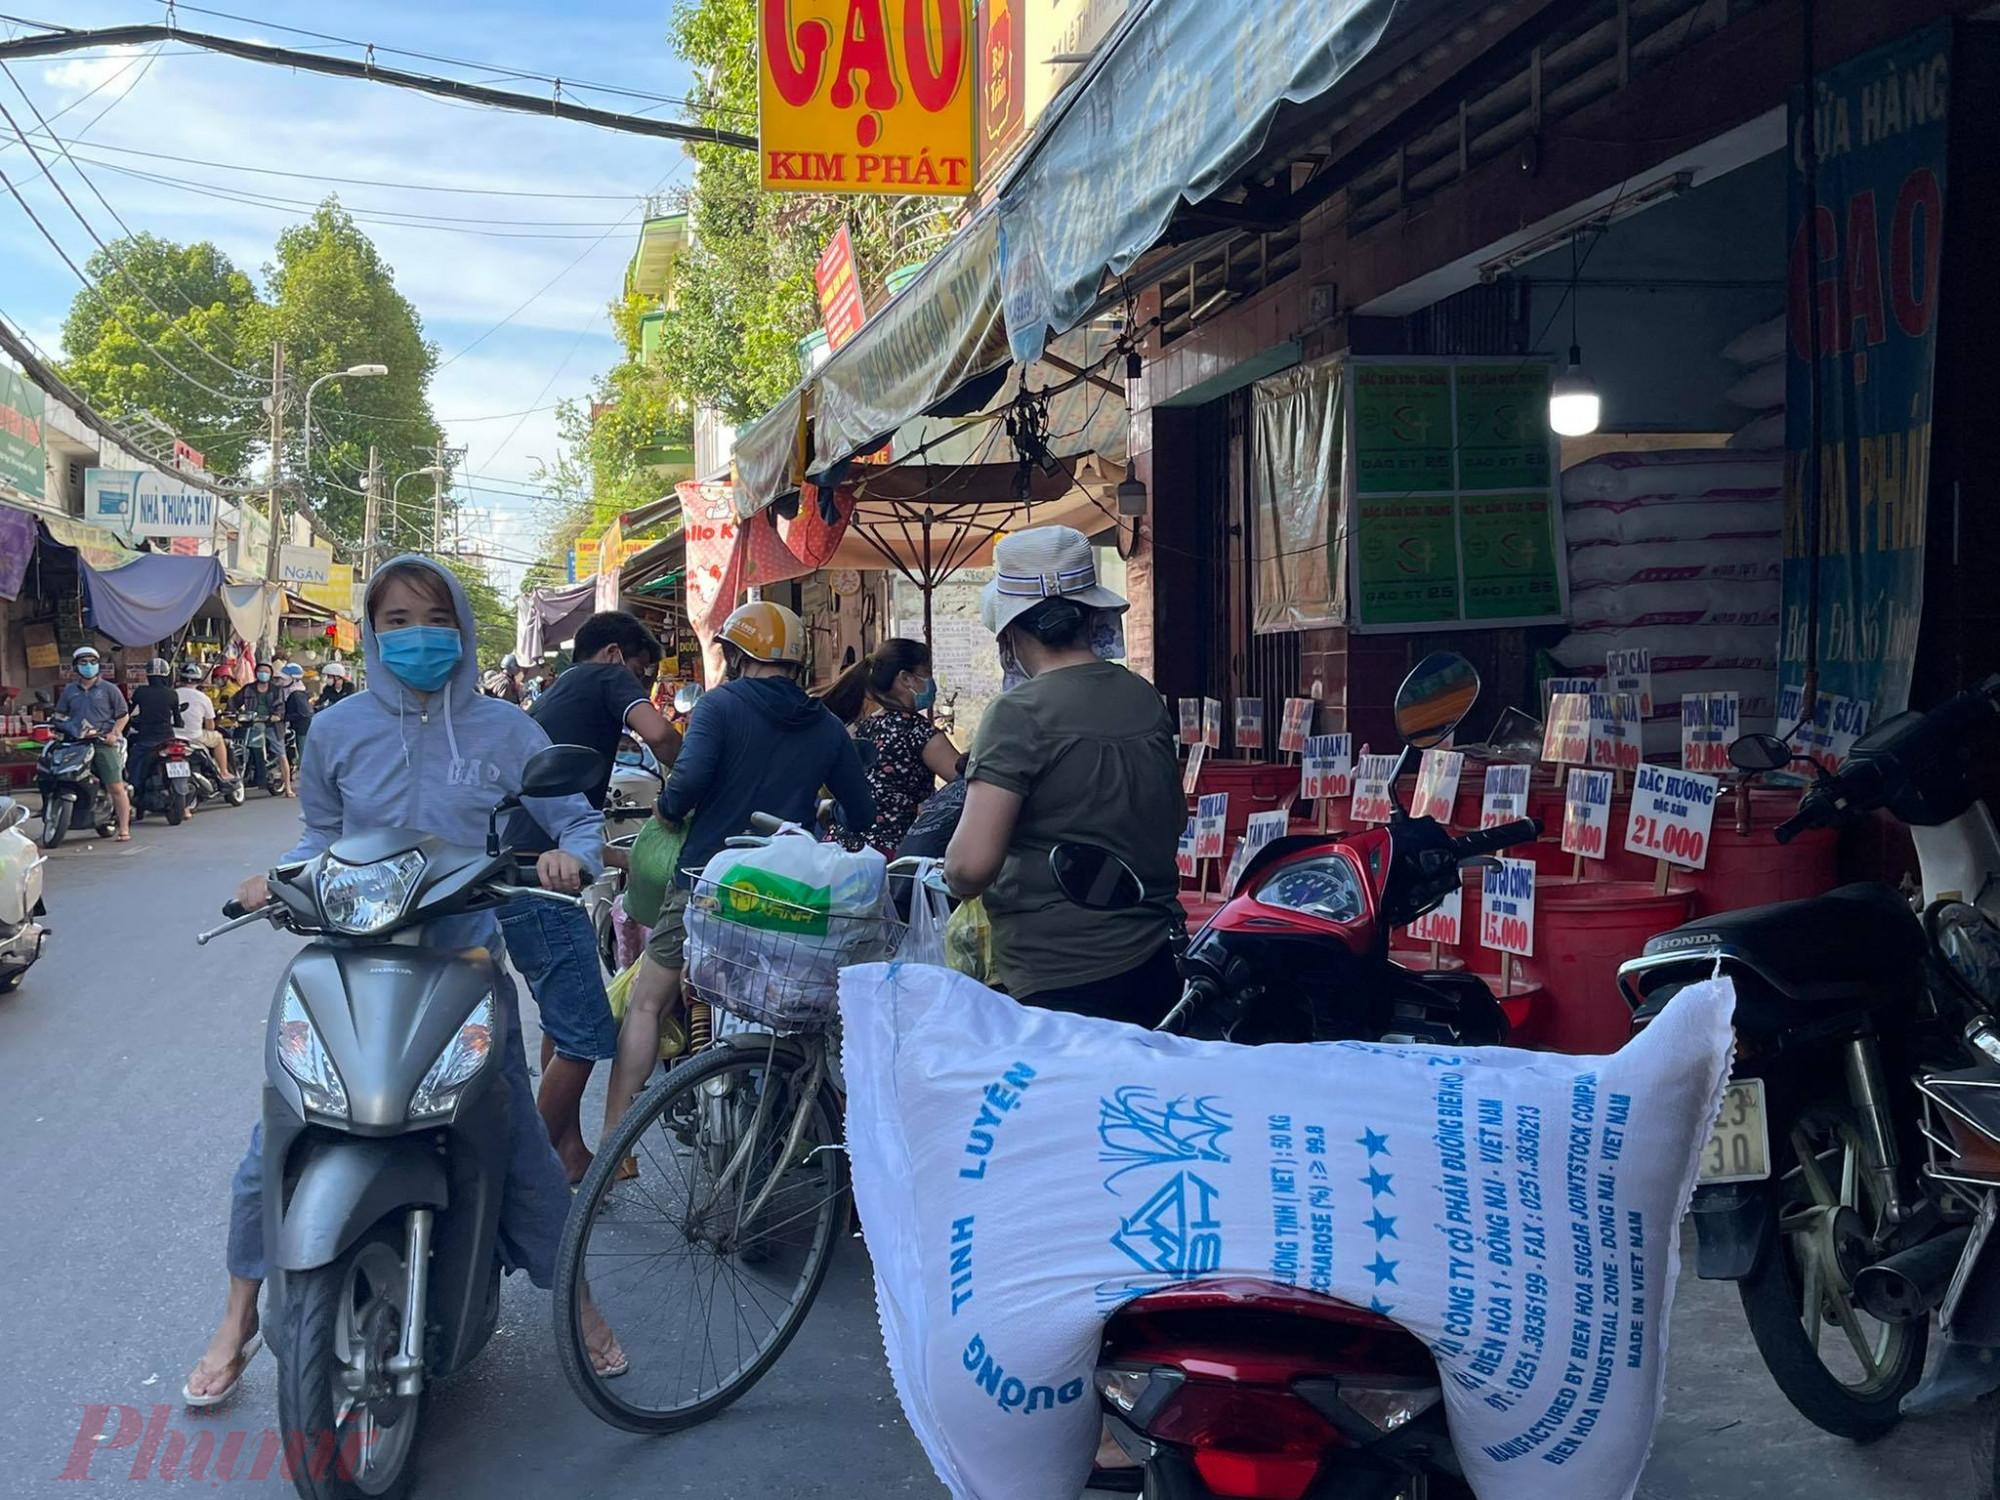 Các điểm bán gạo đông khách, có khách mua cả 2 - 3 bao gạo.